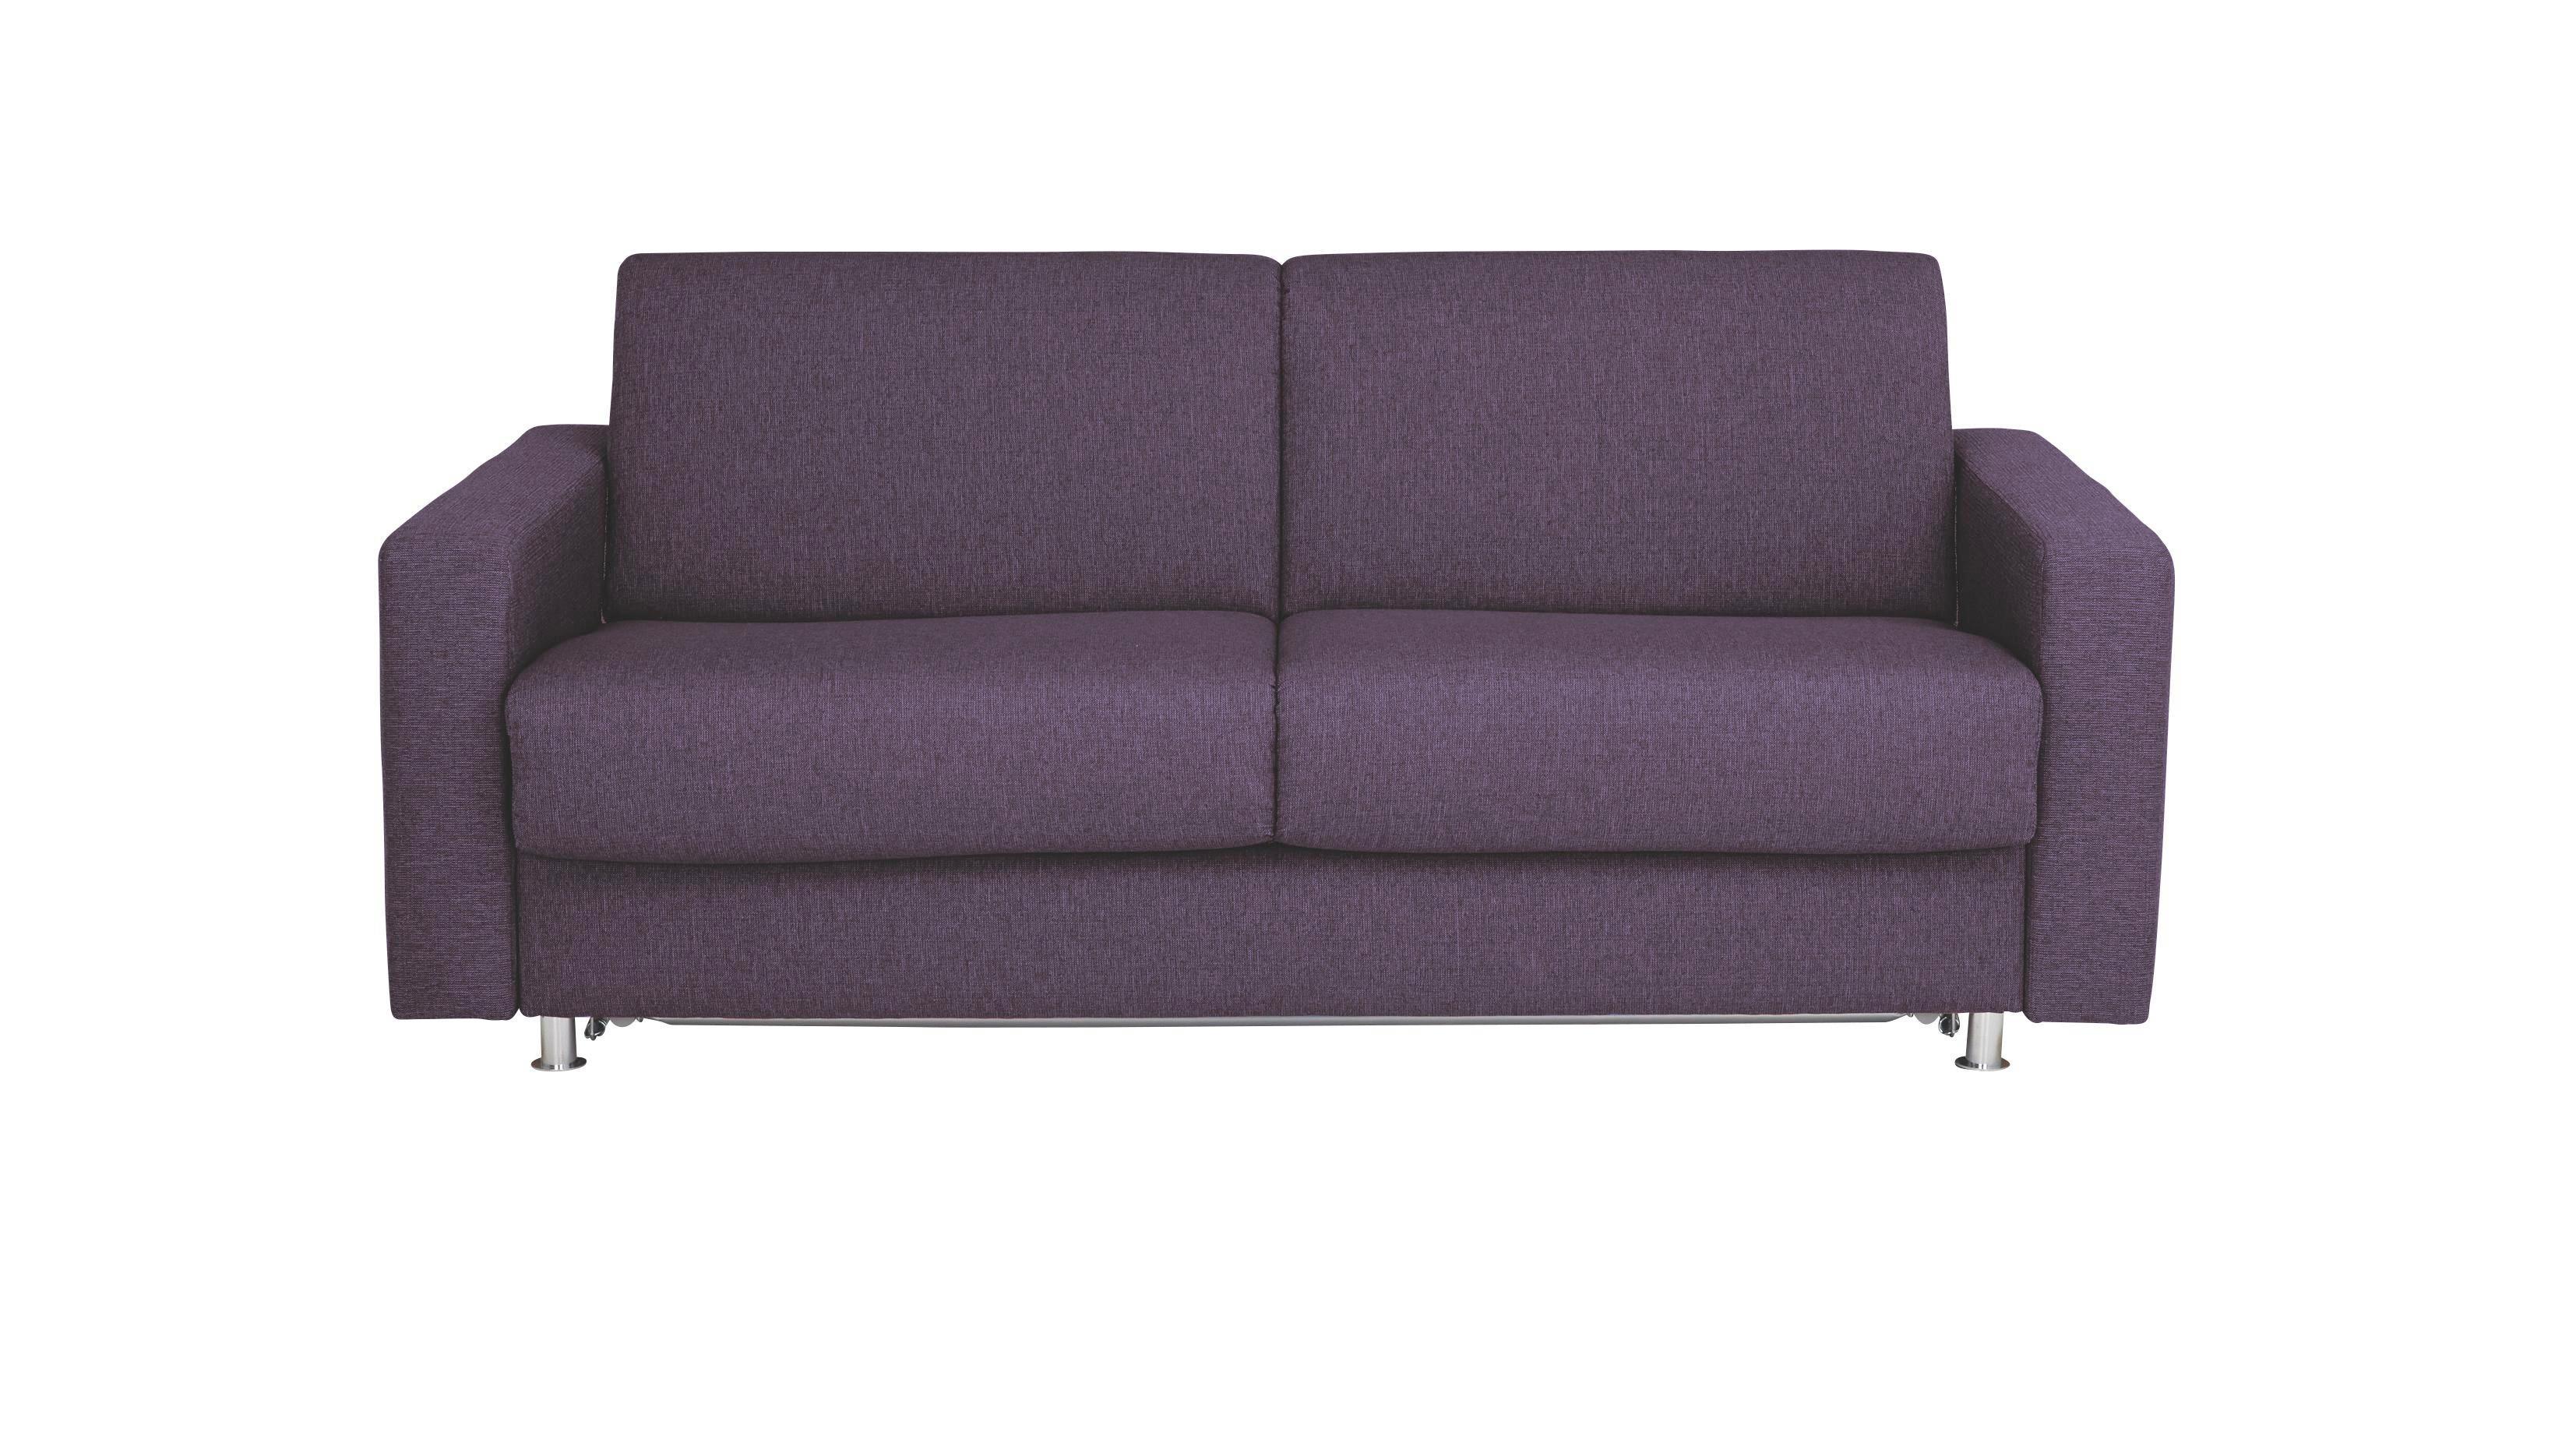 SCHLAFSOFA Flachgewebe Violett - Chromfarben/Violett, KONVENTIONELL, Textil/Metall (195/84/100cm)